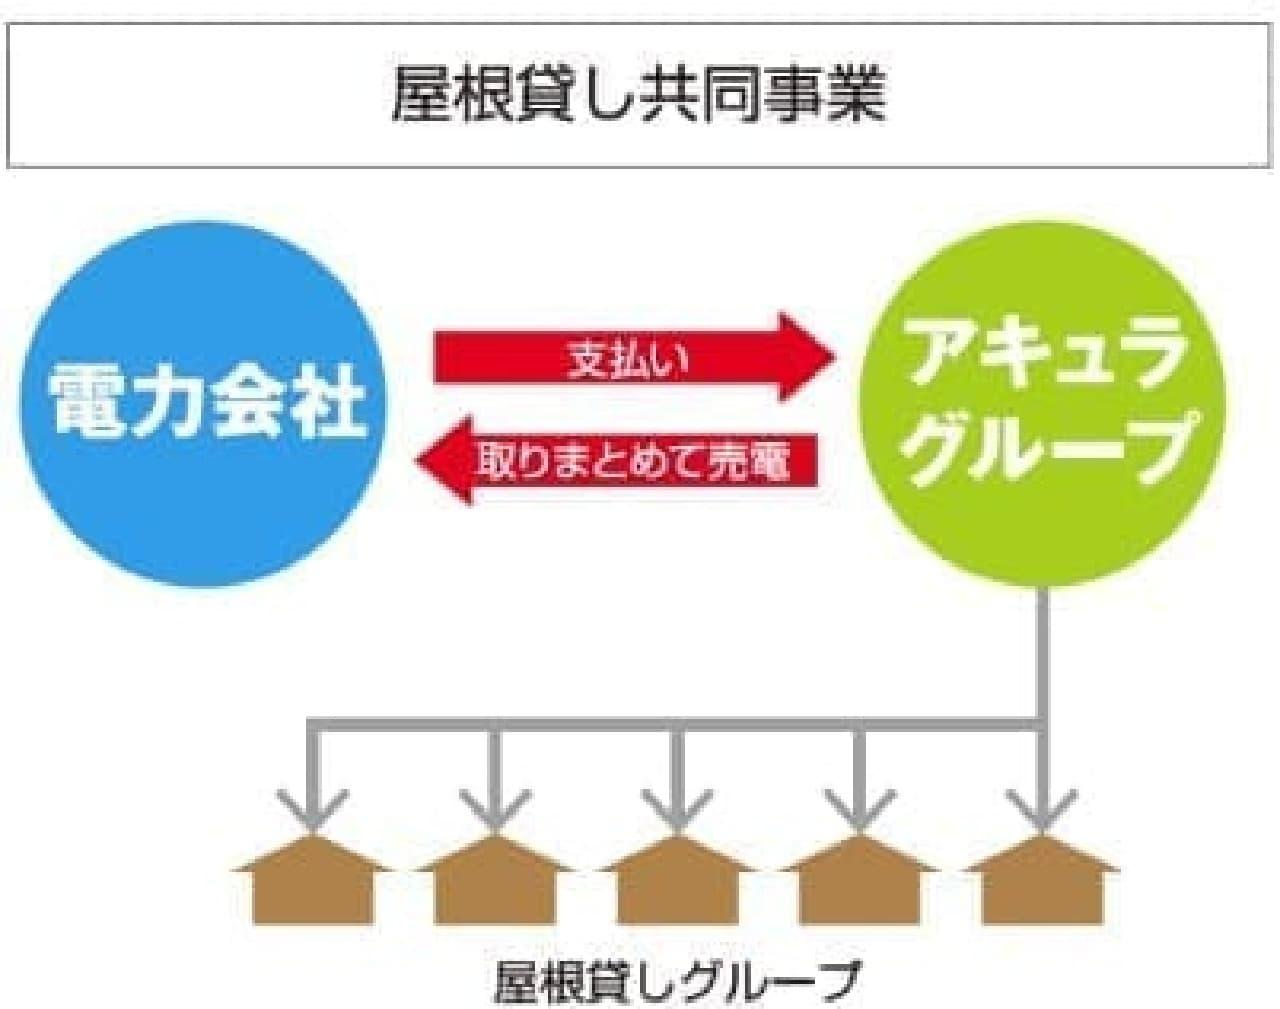 屋根貸し共同事業のイメージ